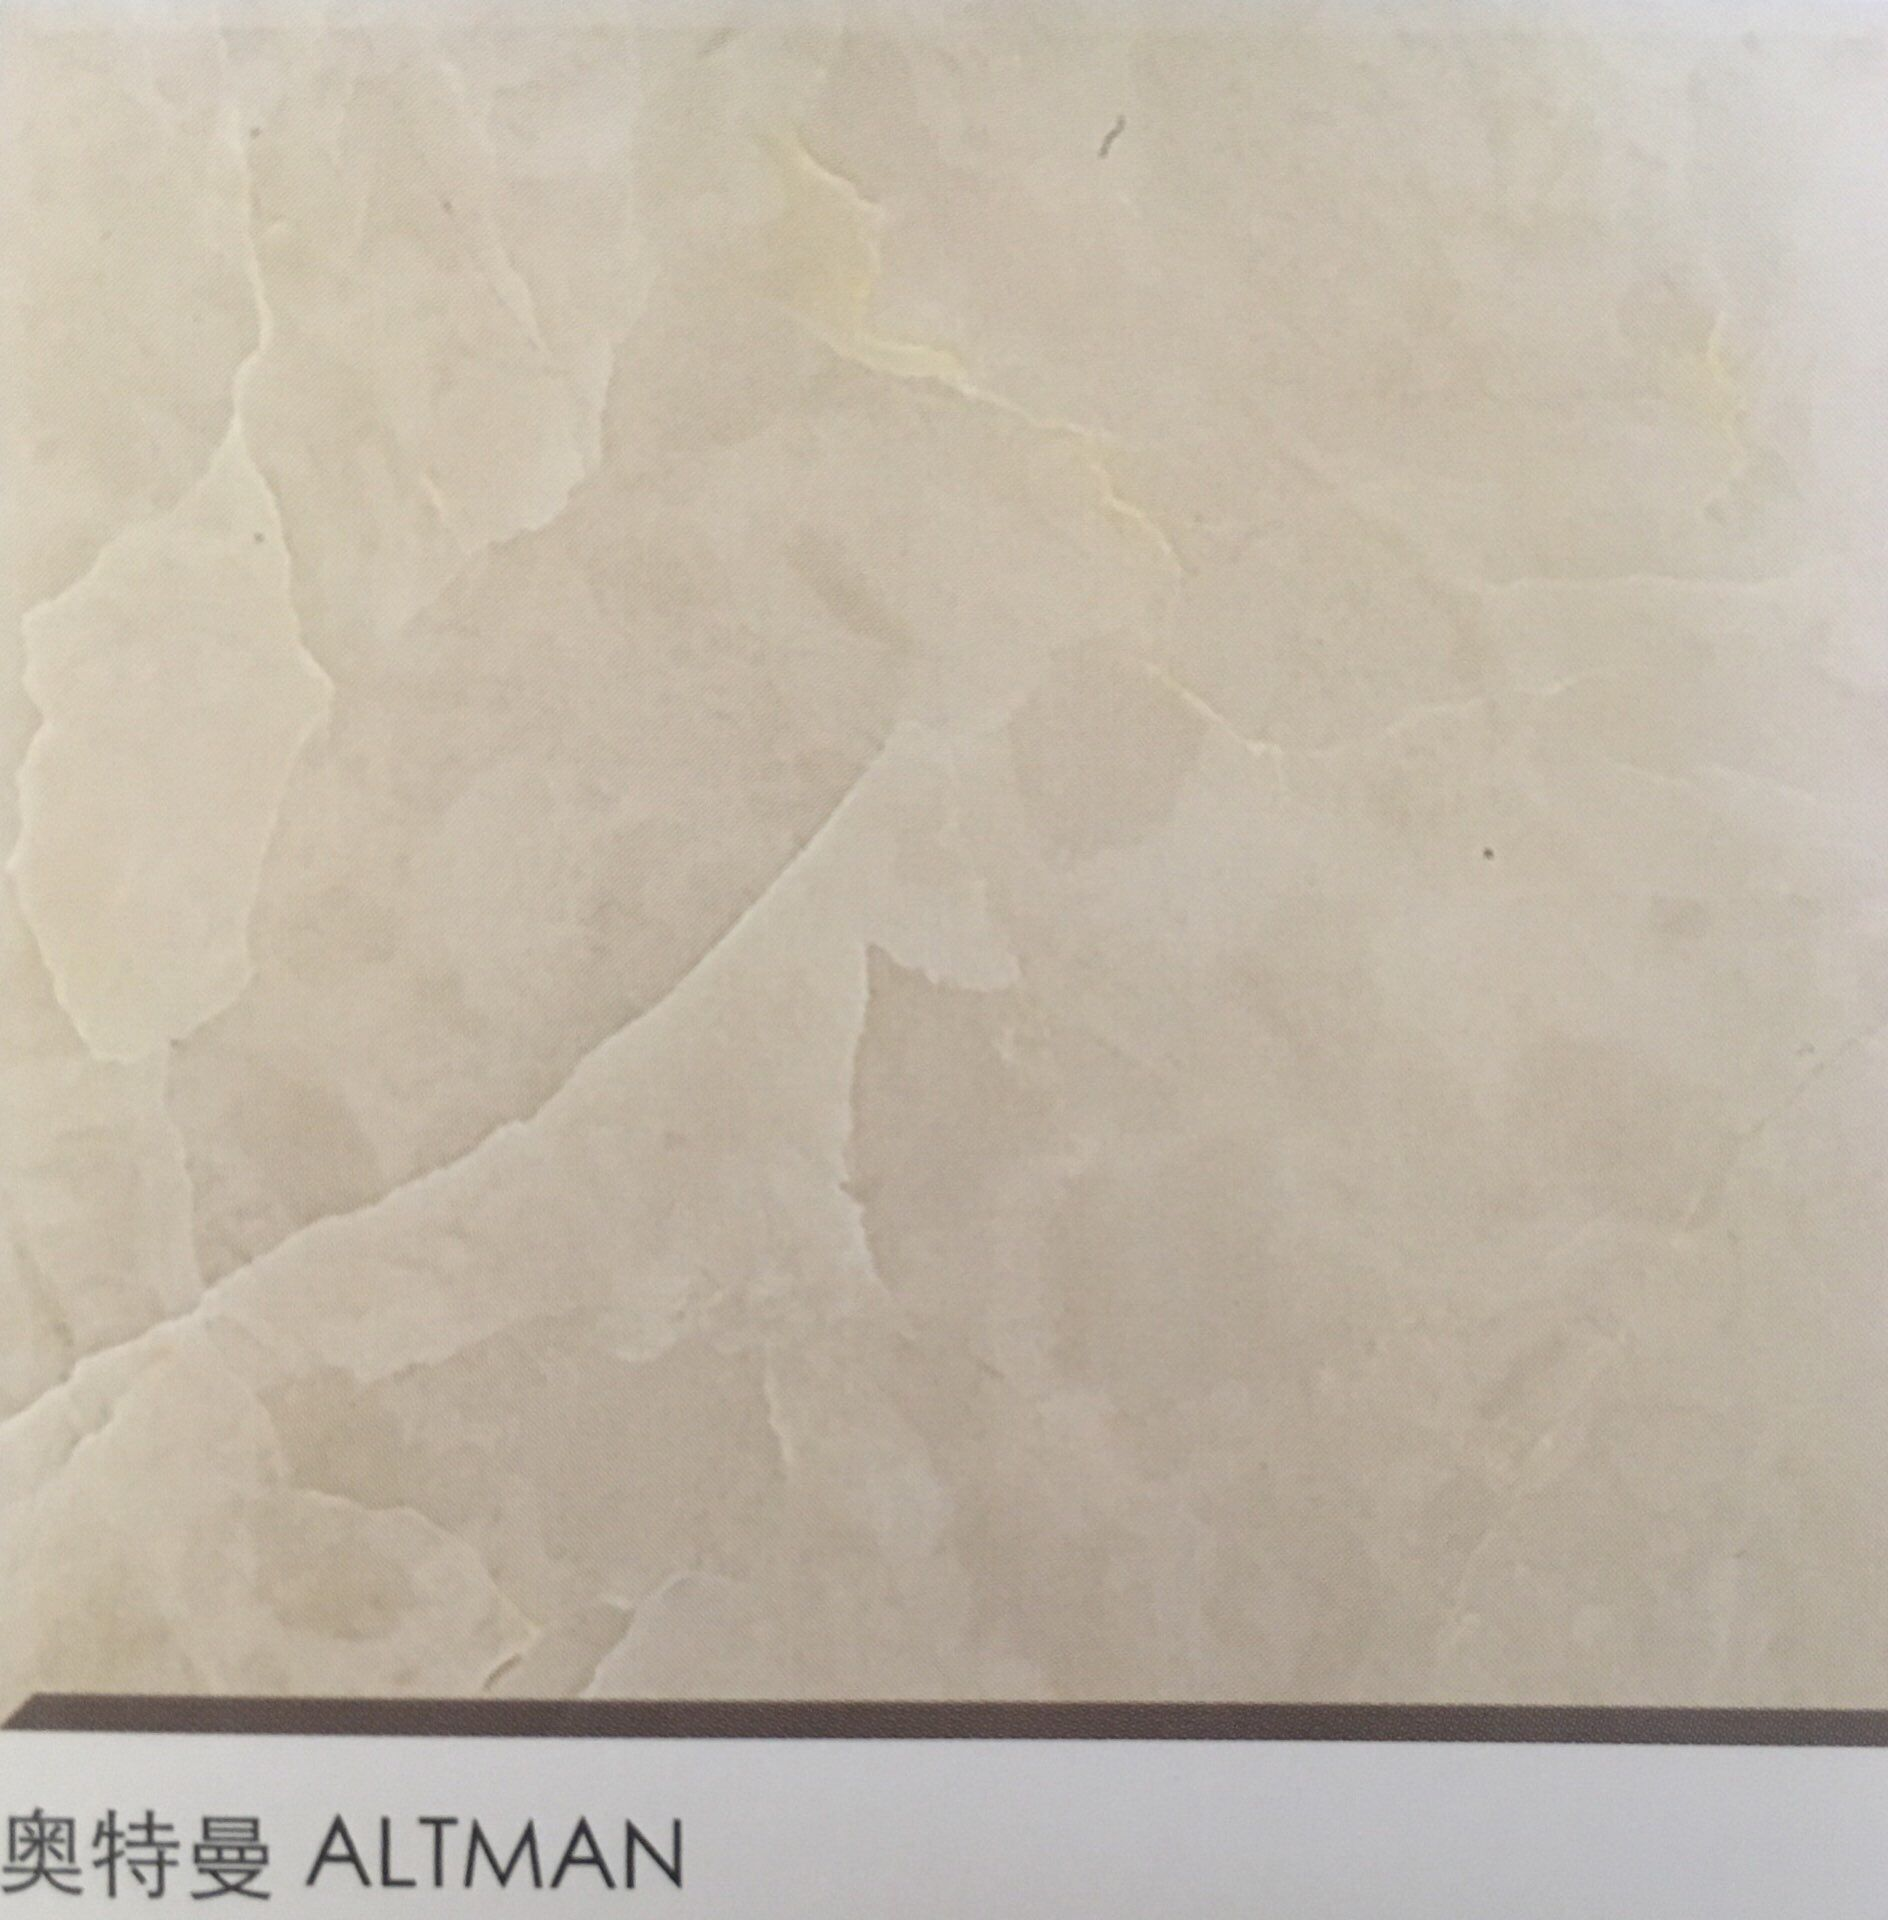 格瑞特石业   奥特曼石材    厂家优惠